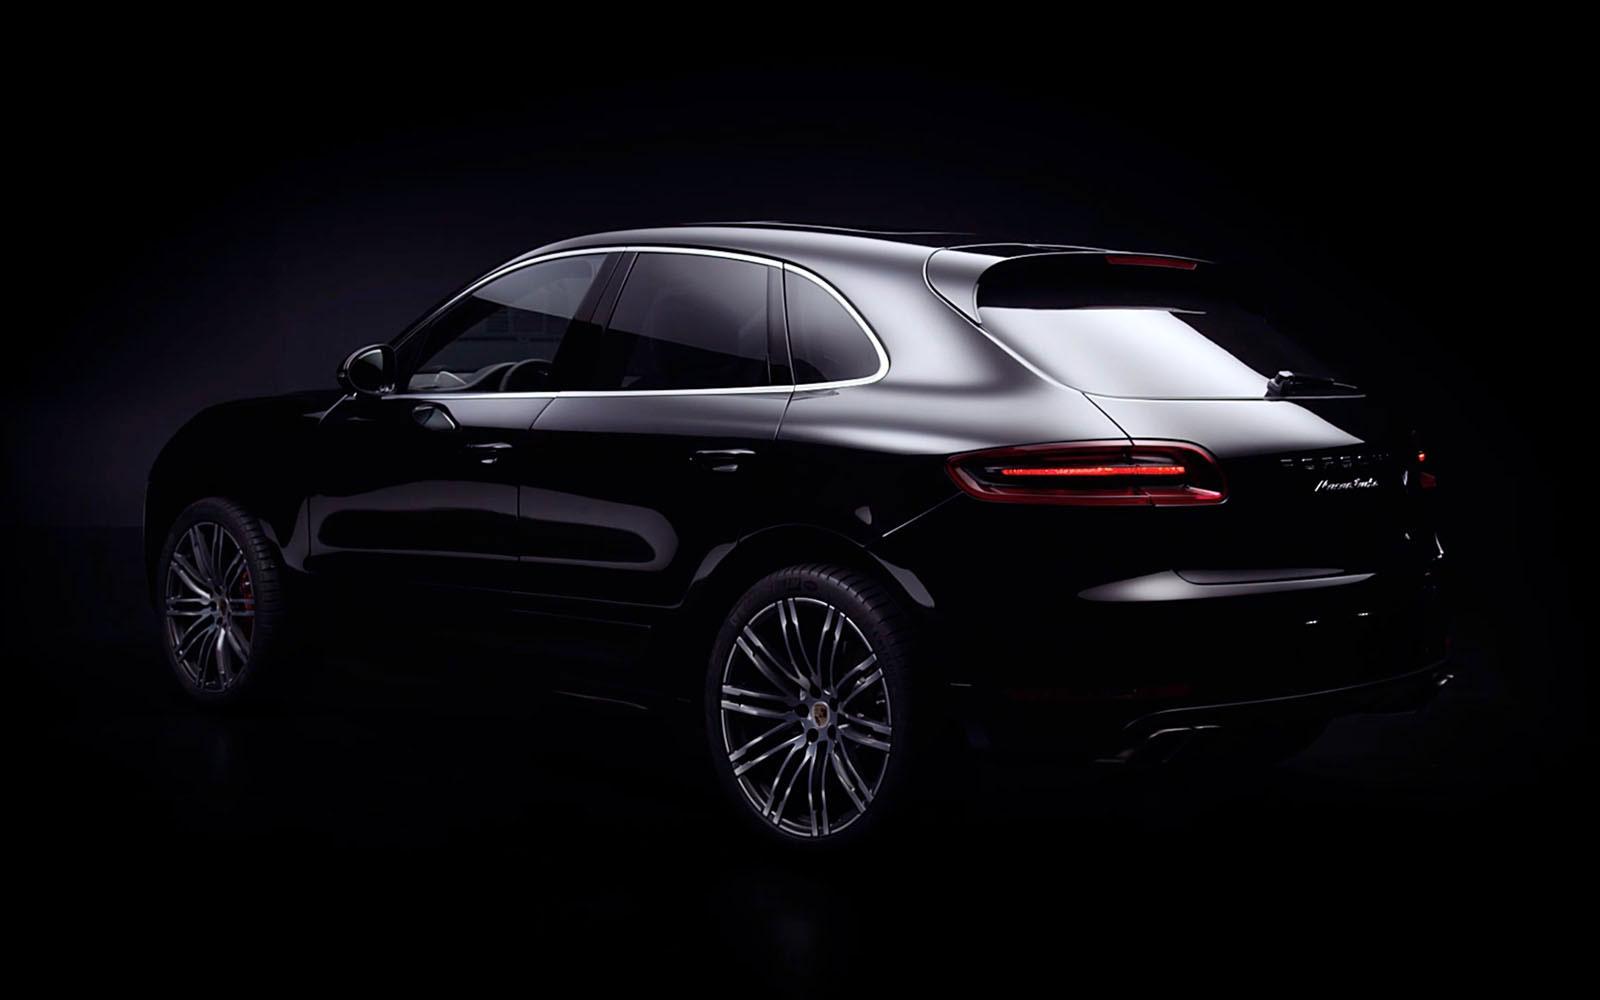 Porsche Macan Car Body Design